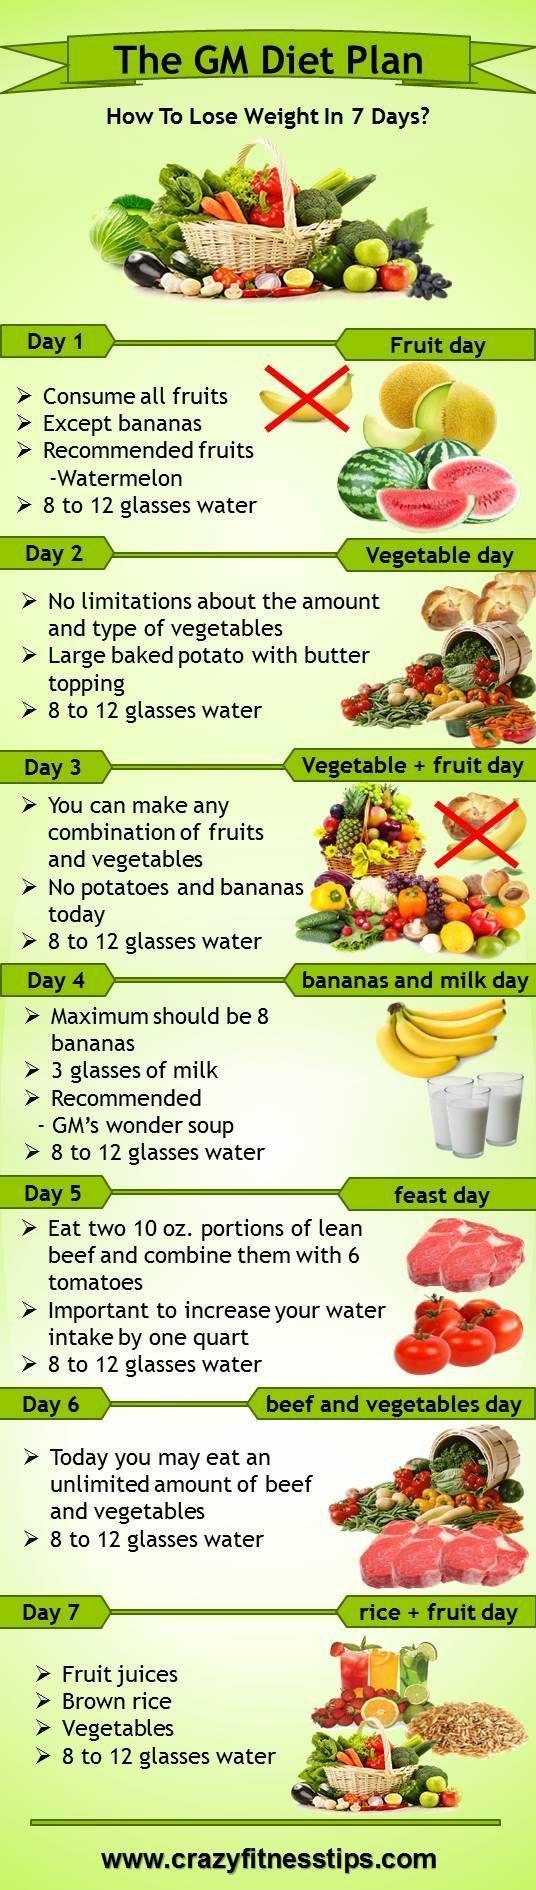 10 pound slimdown schedule image 3